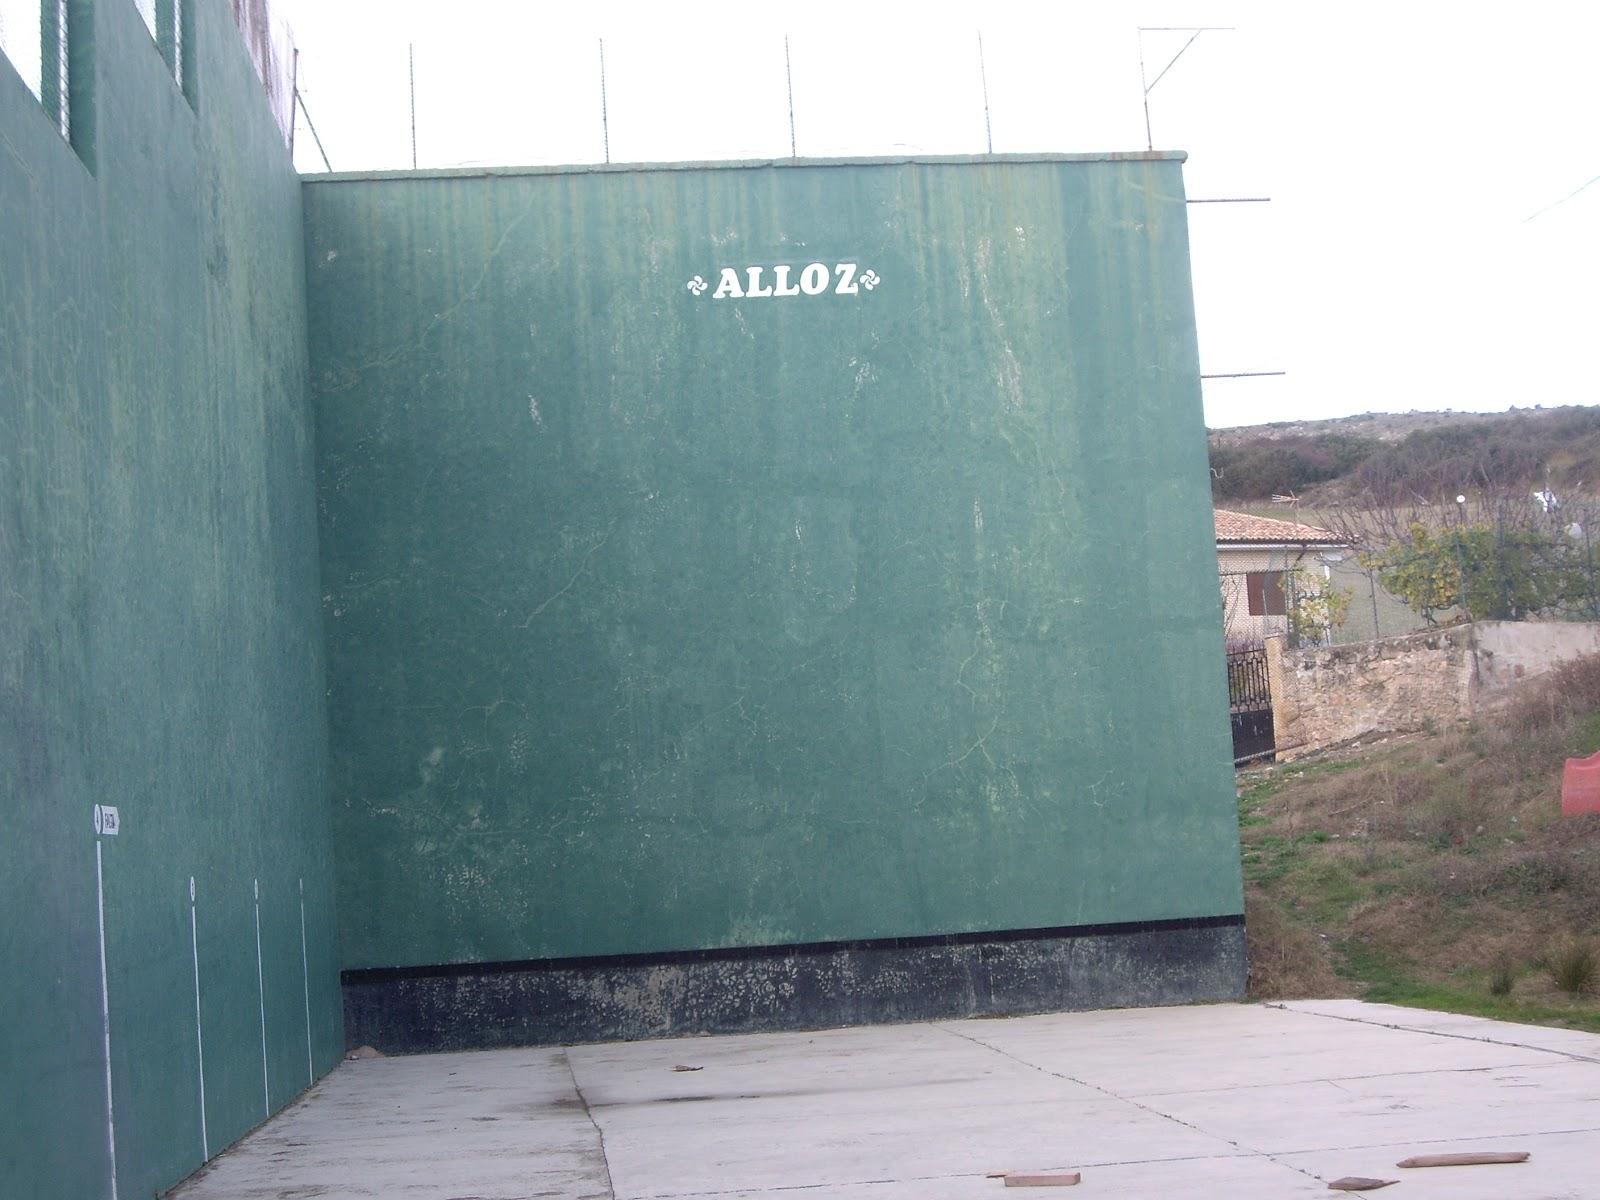 Arquitecto tecnico navarra 03 07 11 - Arquitectos navarra ...